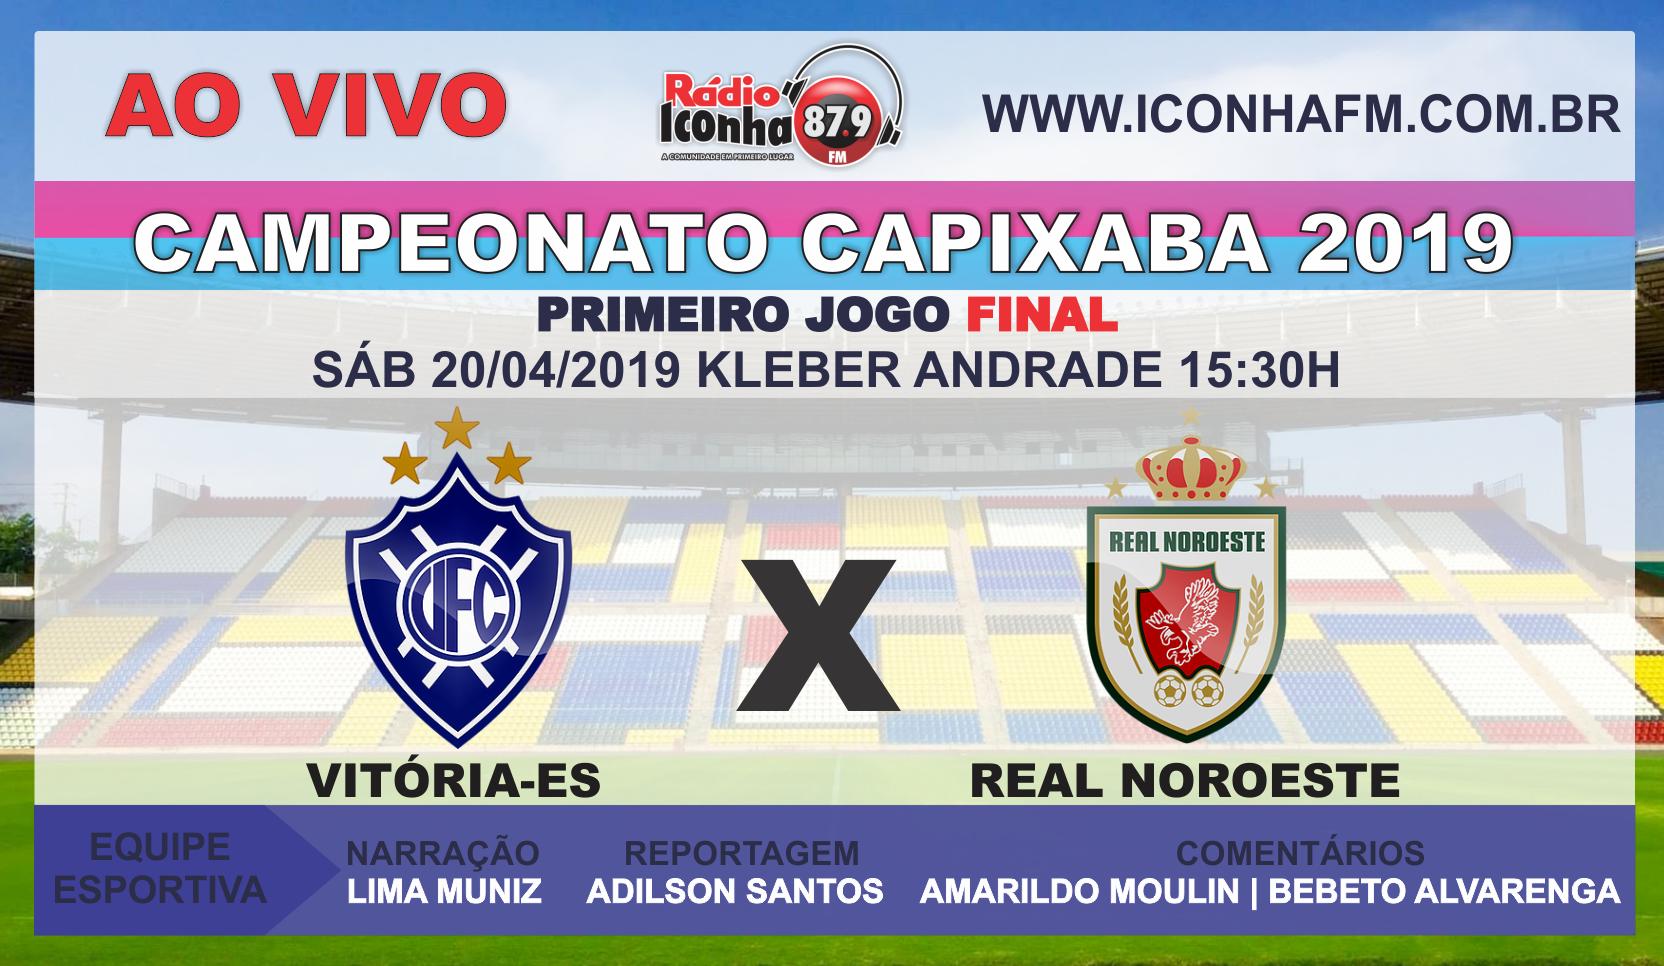 AO VIVO na Rádio Iconha FM o Primeiro Jogo da Final do Campeonato Capixaba 2019 : Vitória/ ES x Real Noroeste